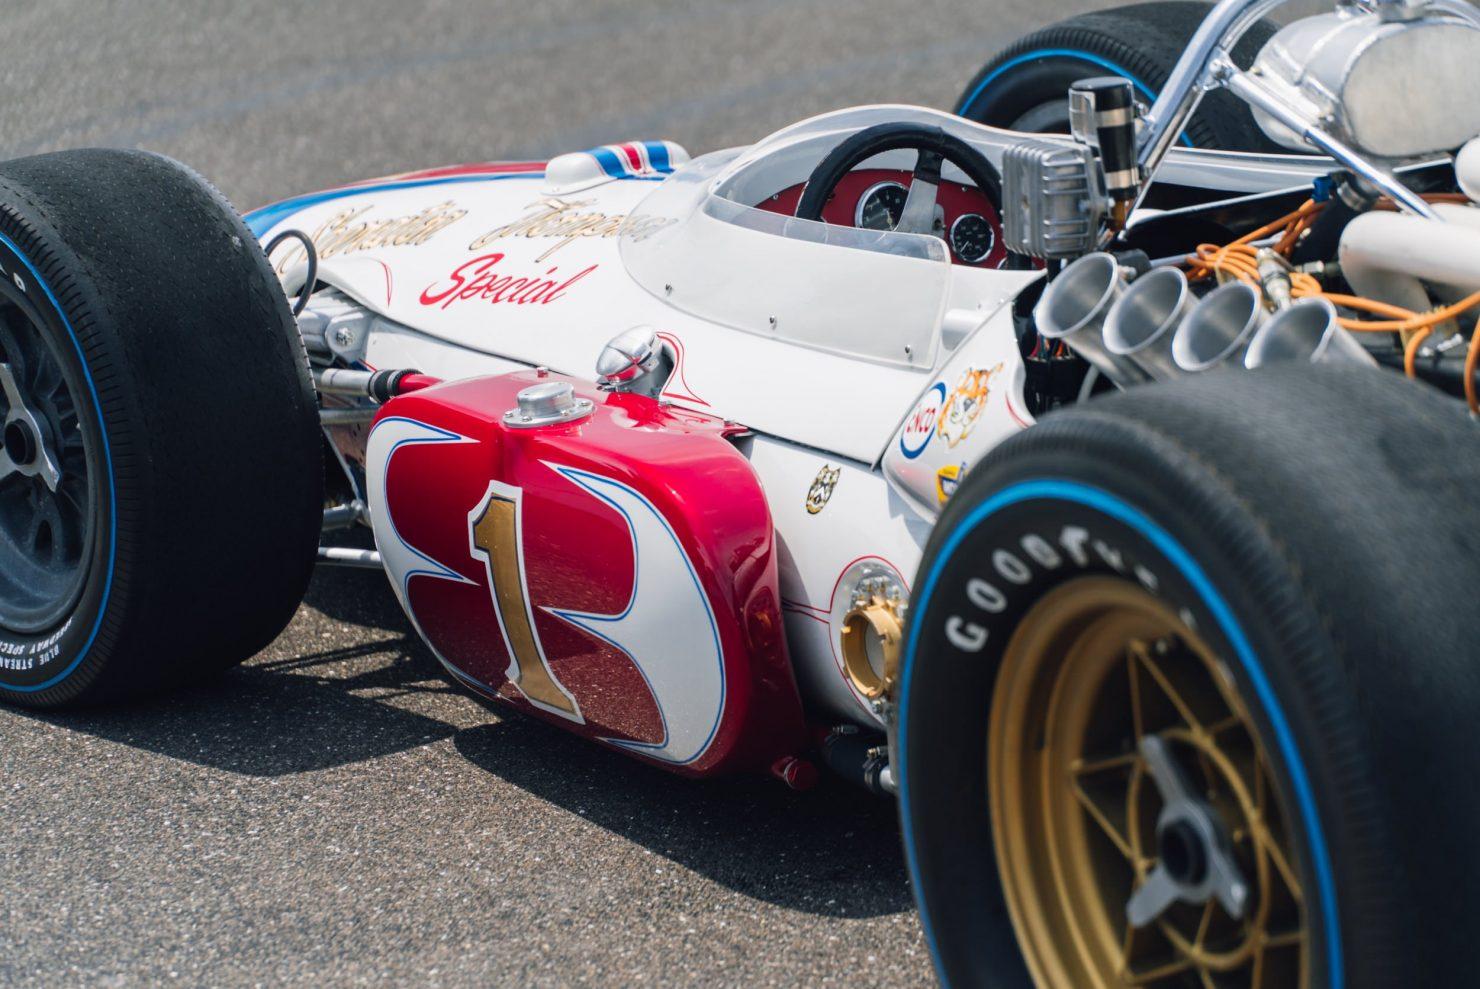 lotus type 34 indy 500 car 19 1480x989 - 1964 Lotus Type 34